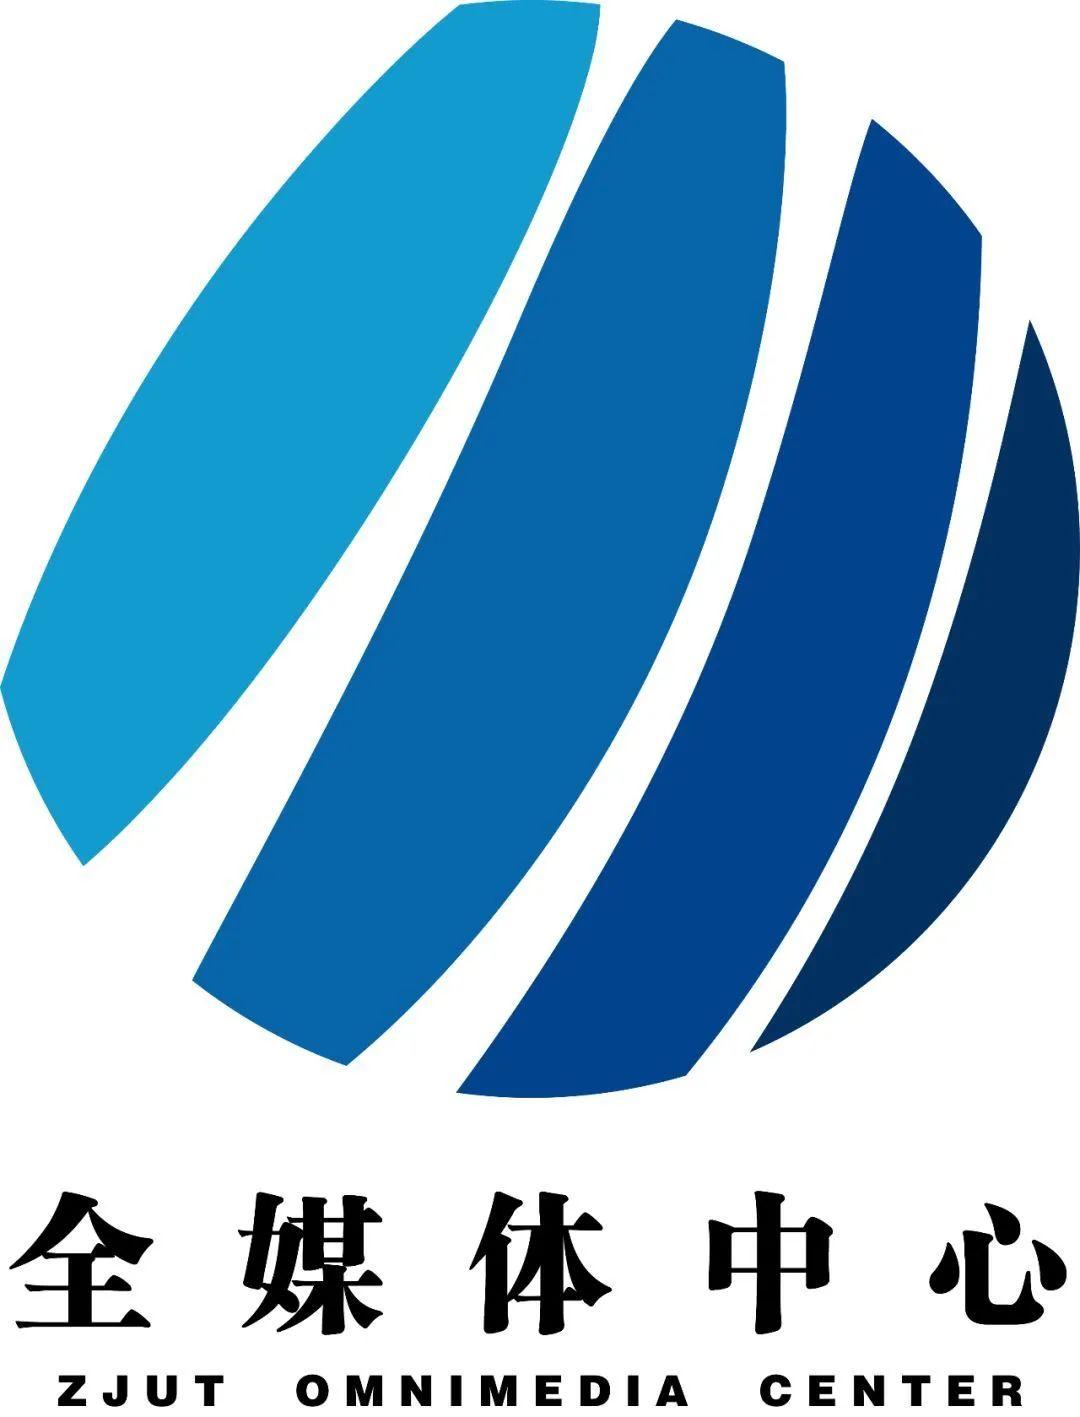 浙江工业大学全媒体中心2020/2021任职情况公示图片